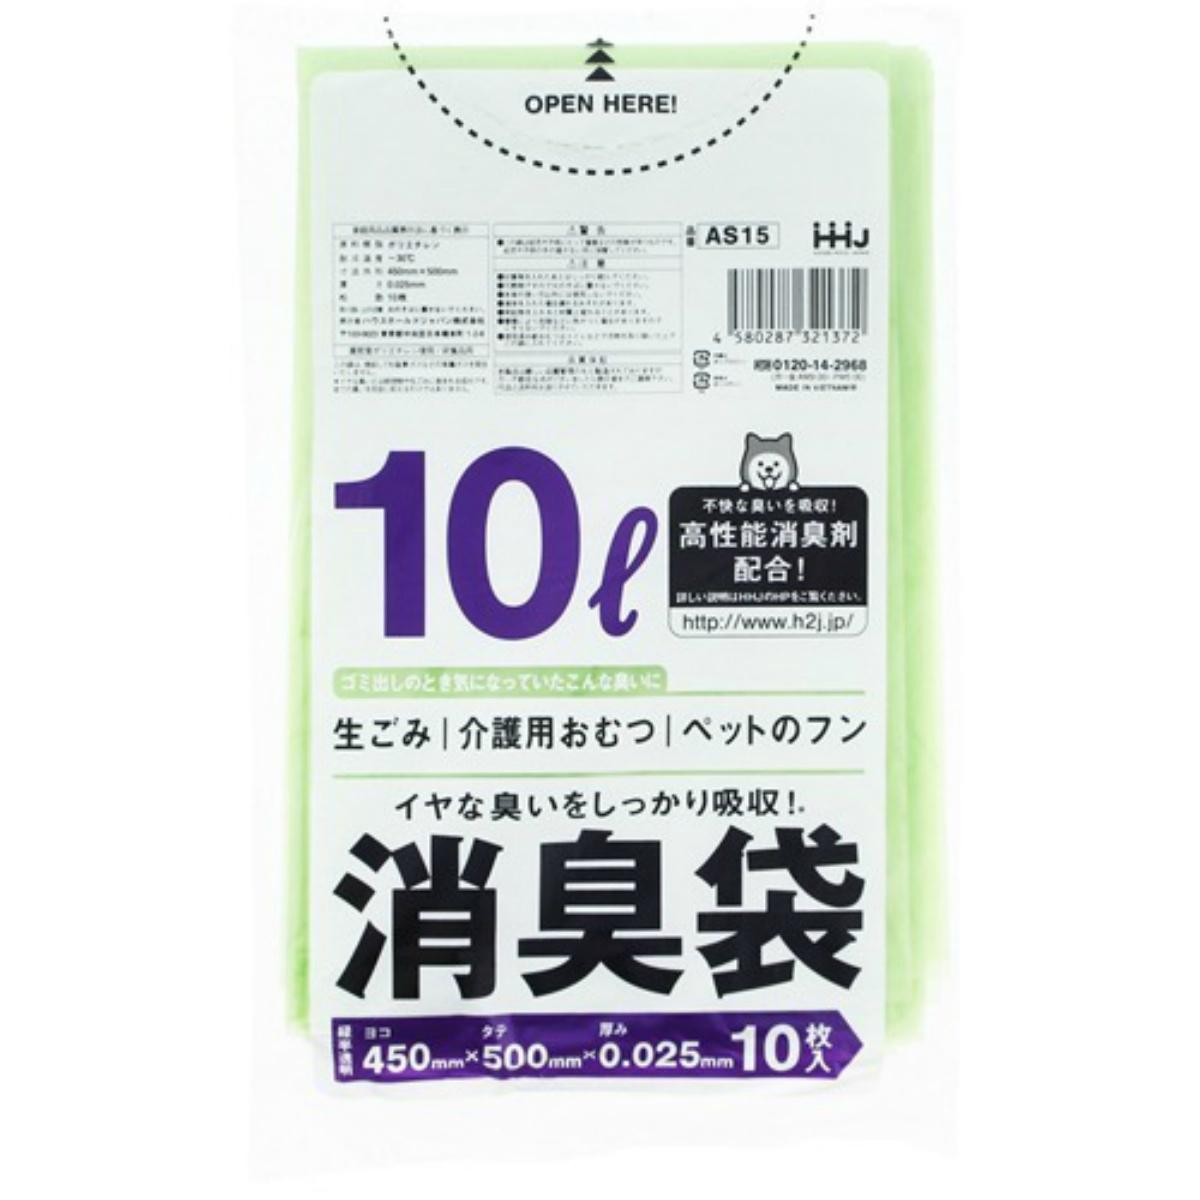 消臭袋 レジ袋 ゴミ袋 新作製品 世界最高品質人気 新発売 4580287321372 ハウスホールドジャパン 10L 緑半透明 AS15 10枚入